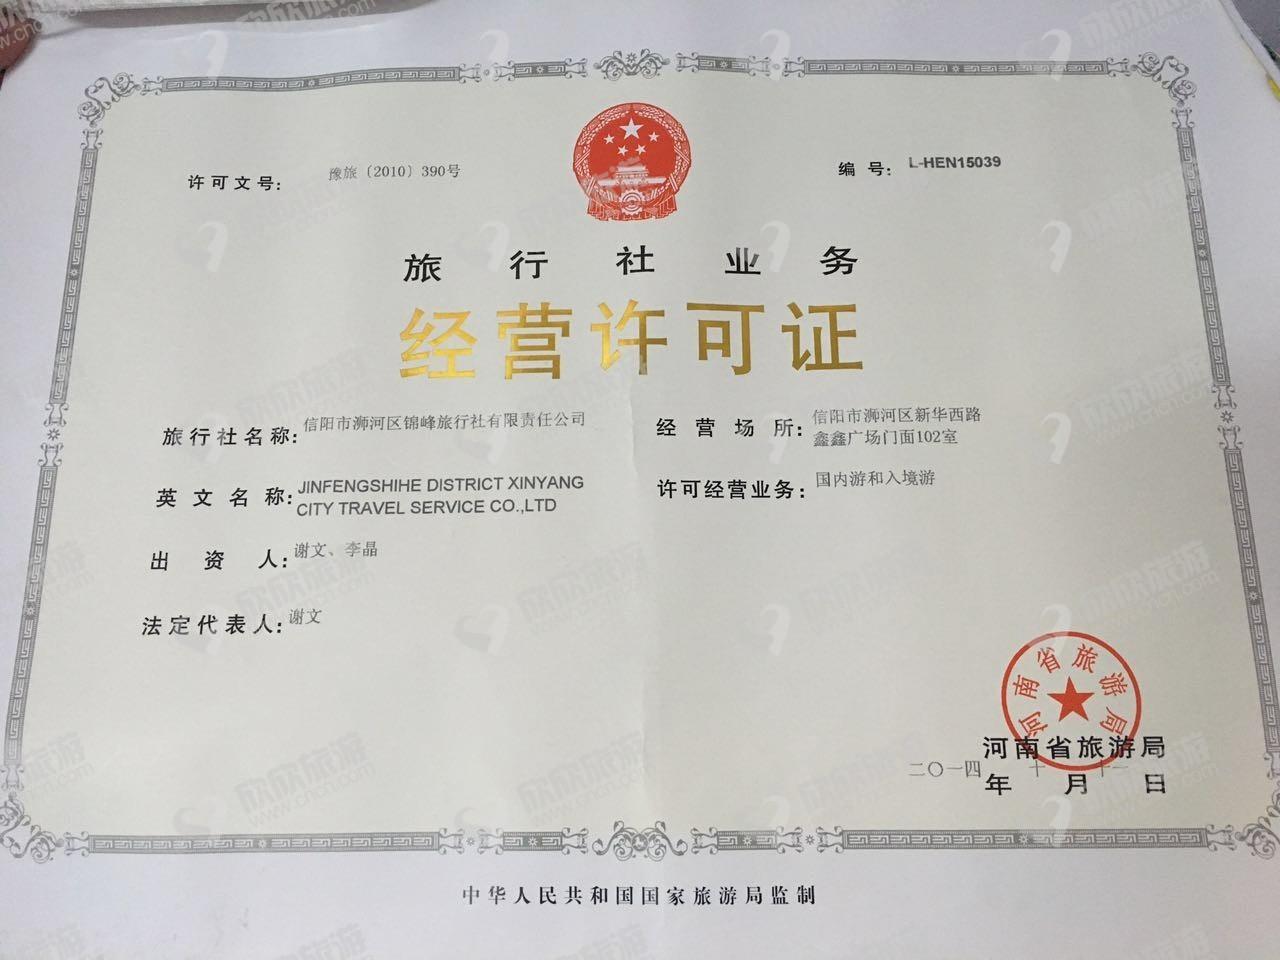 信阳市浉河区锦峰旅行社有限责任公司经营许可证